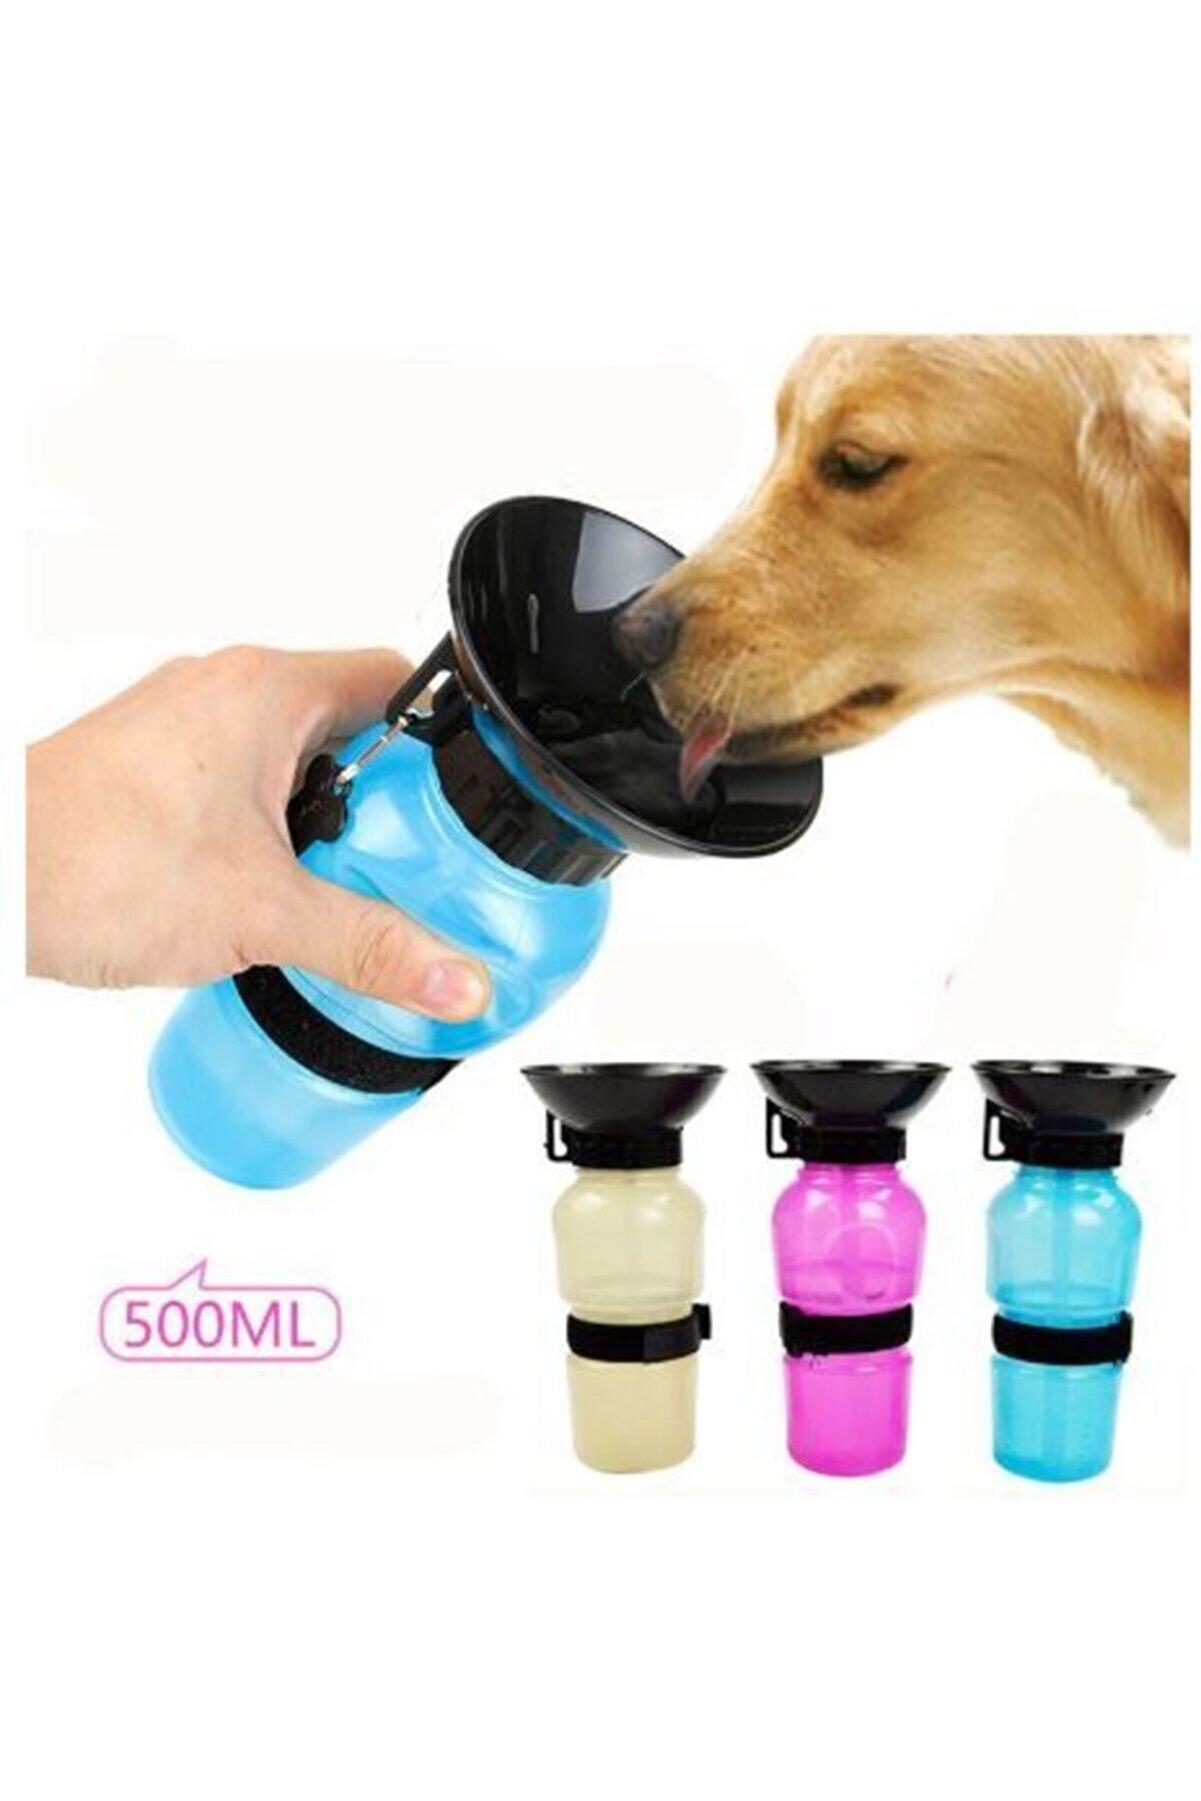 LİFE PETMARKET 500ml Köpek Seyahat Suluğu Su Şişesi (Mavi)